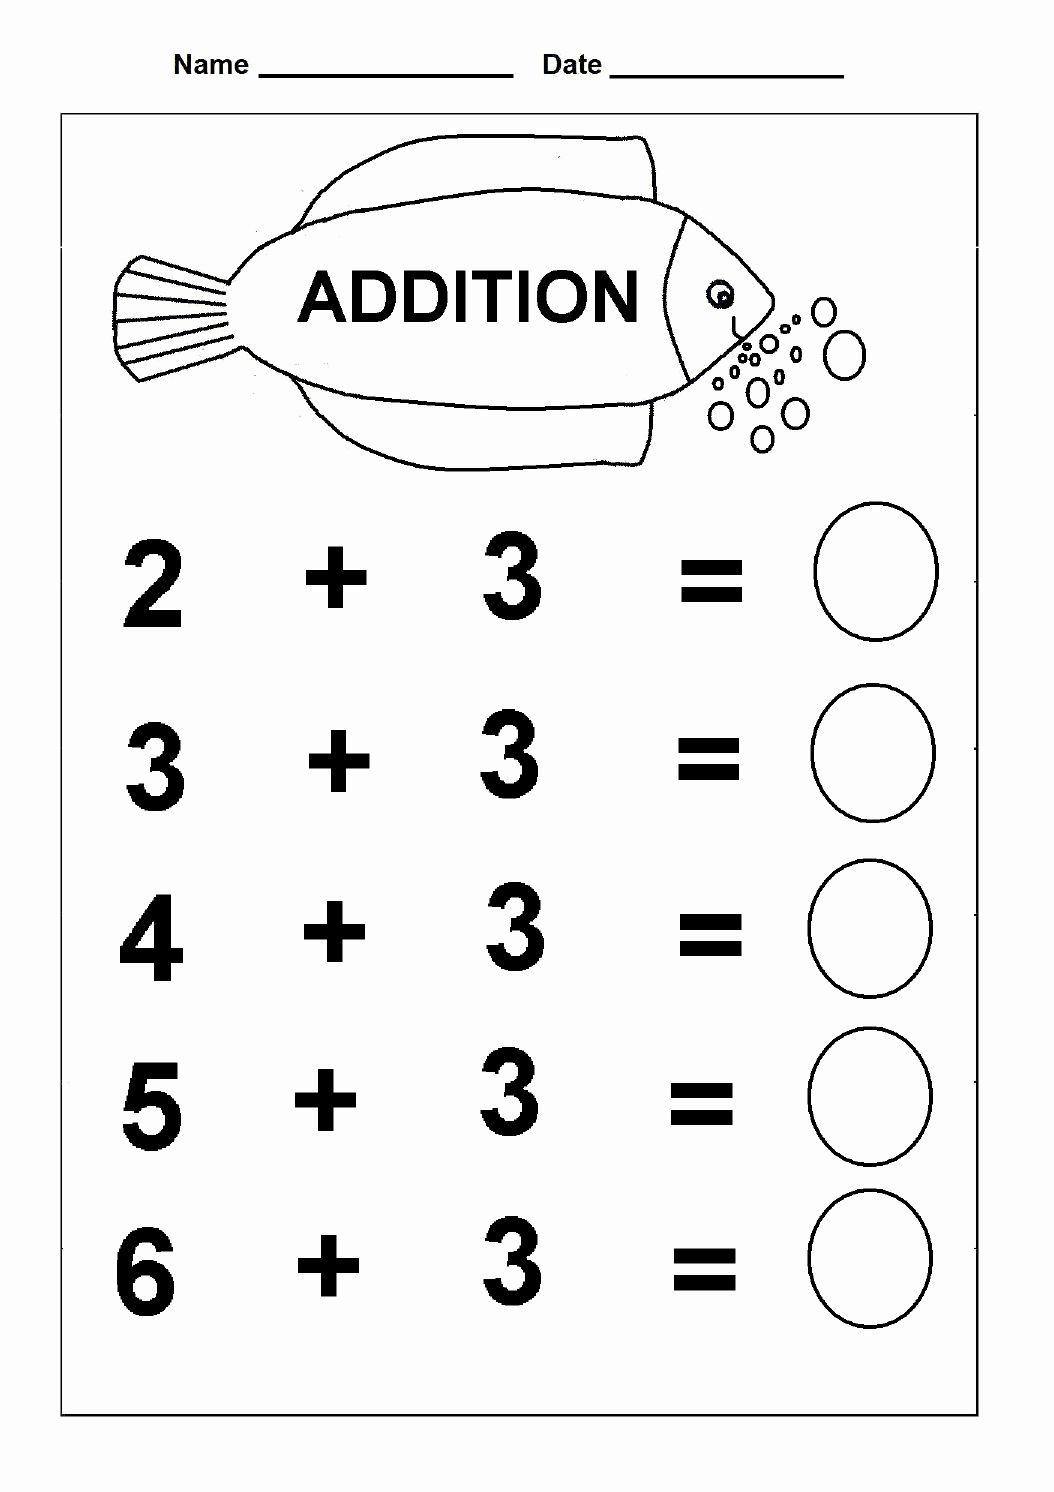 Addition Worksheets Kindergarten Activities 2 In